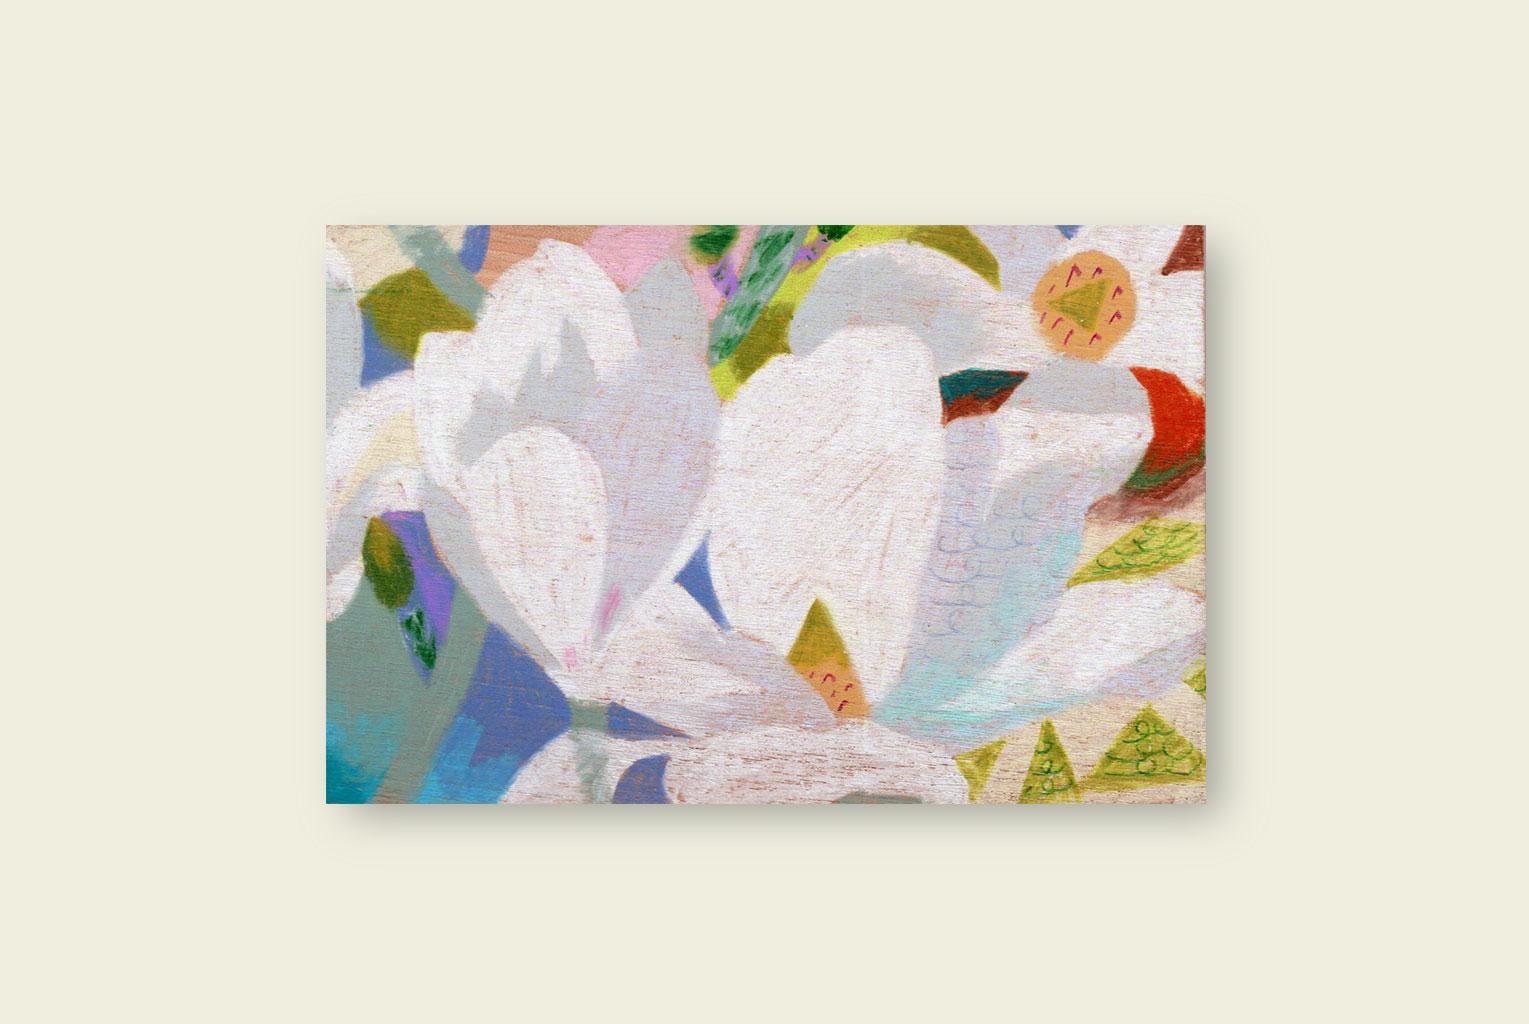 Mokuren-Onomichi,   2018  15cm x 9.9cm  Colour pencils on wood